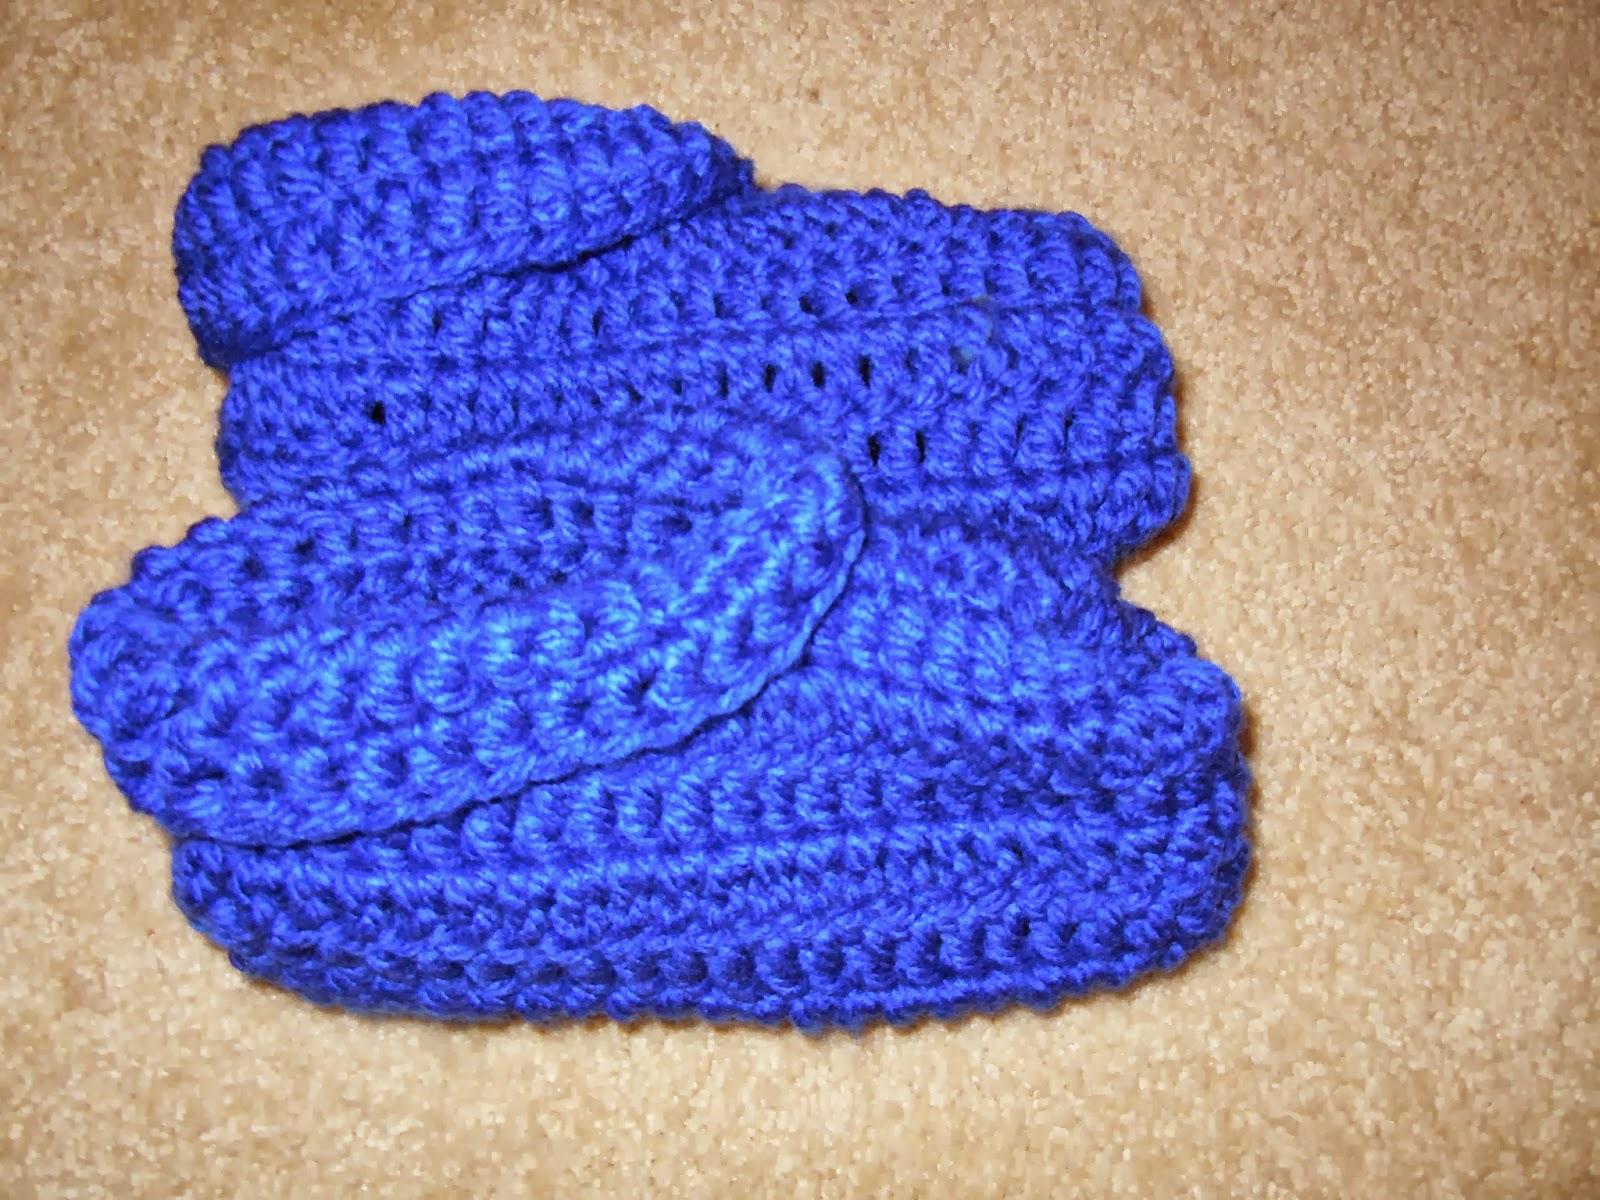 crochet slippers for beginners - photo #25